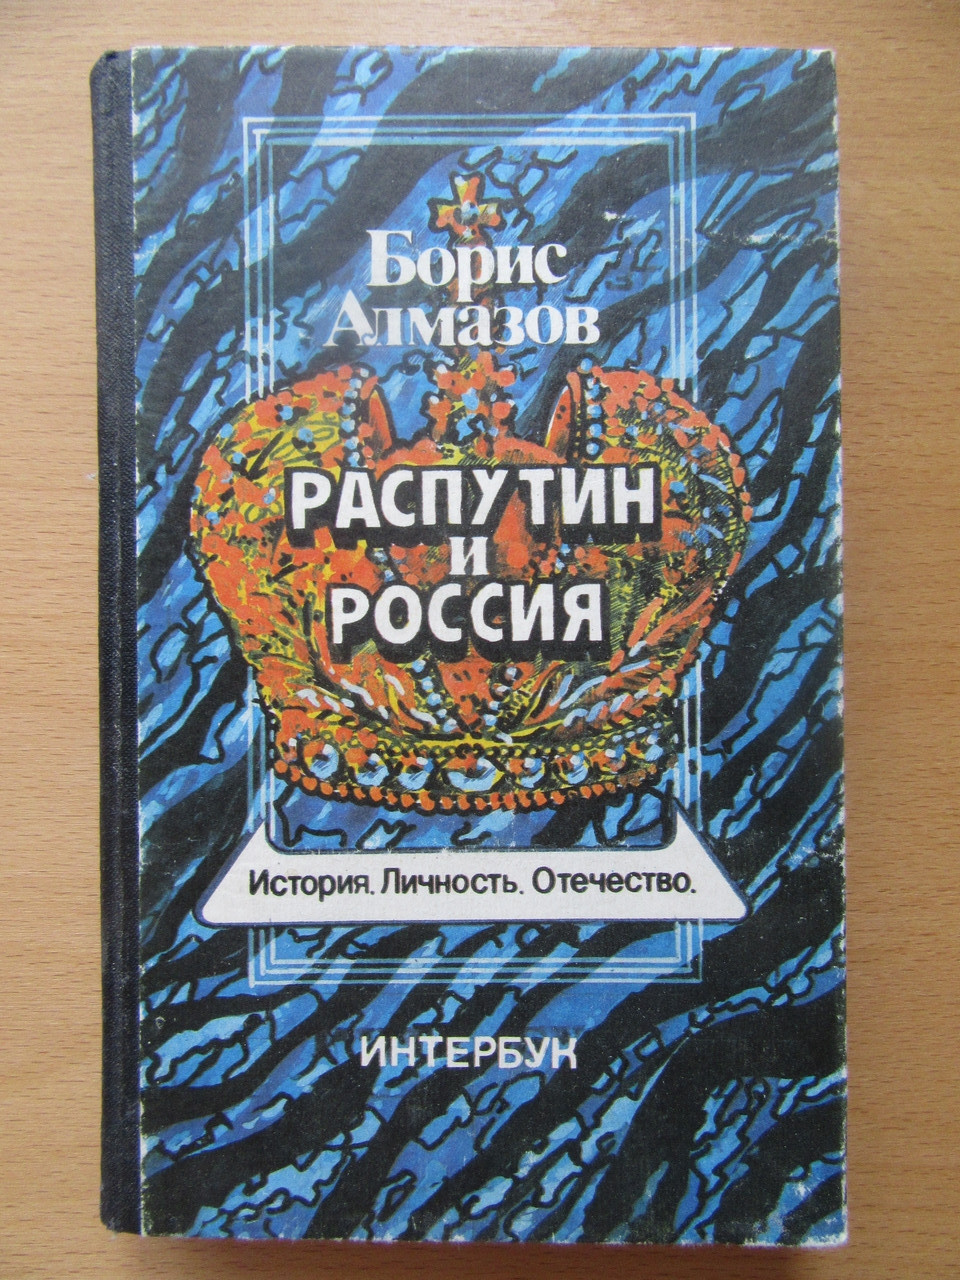 Борис Алмазов. Распутин и Россия